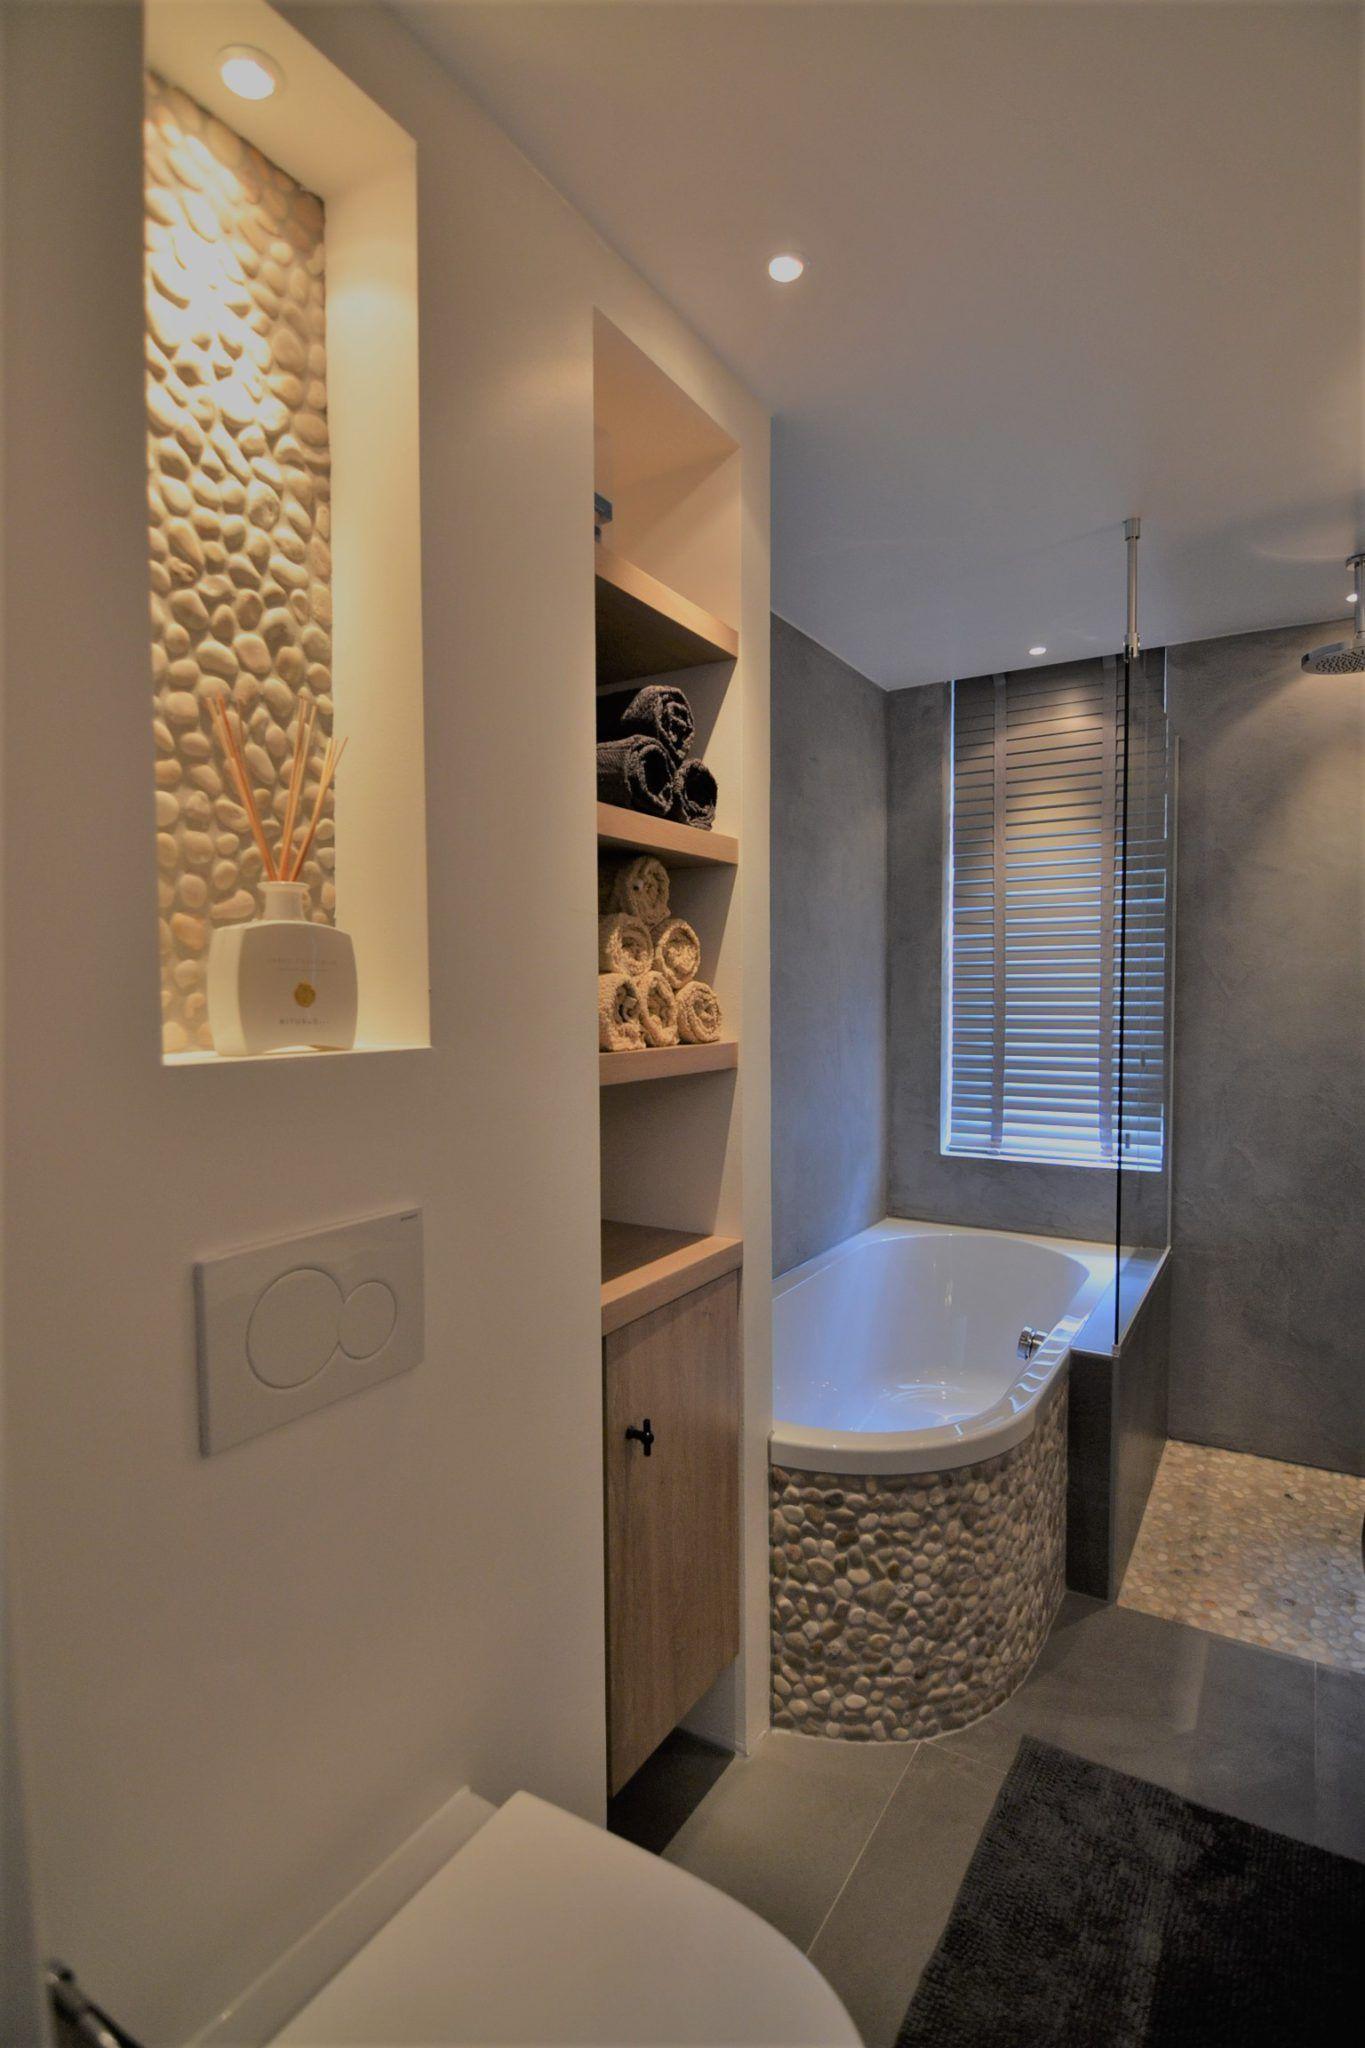 Kate Interieur Design Impressies.Landelijke Badkamer Natuurlijke Materialen Badkamer Ontwerp